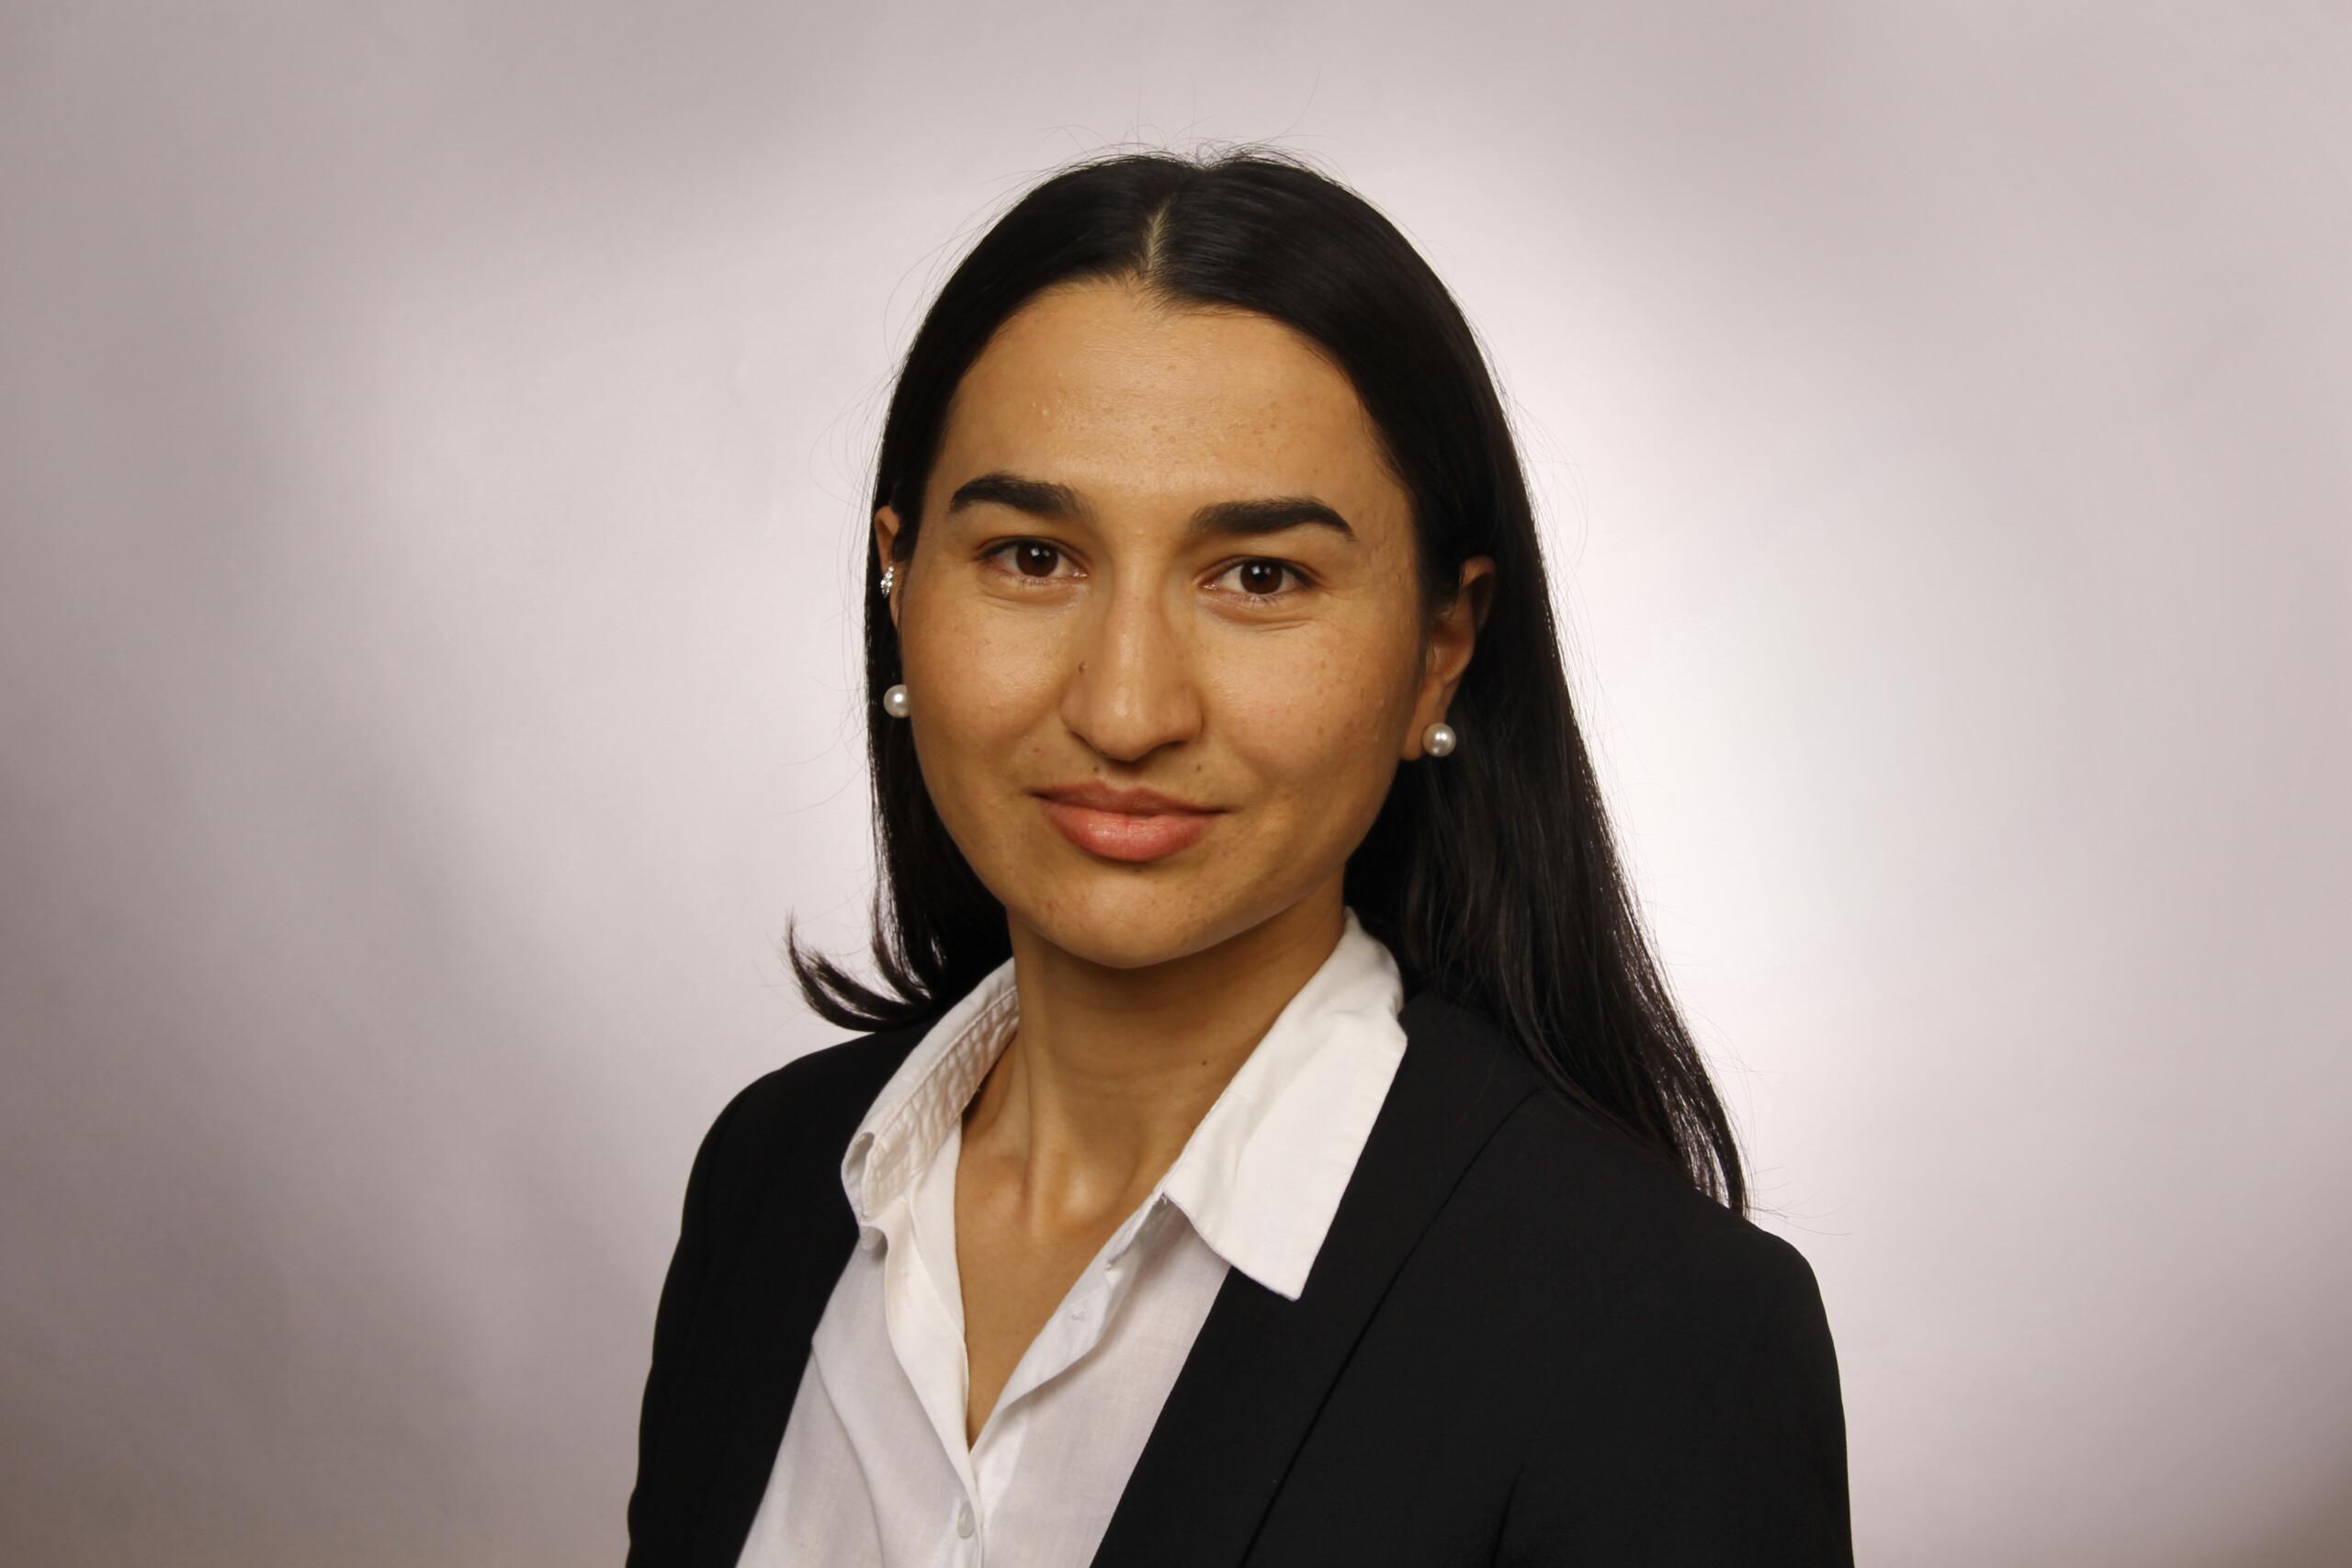 Munisa Nazarkhudoeva